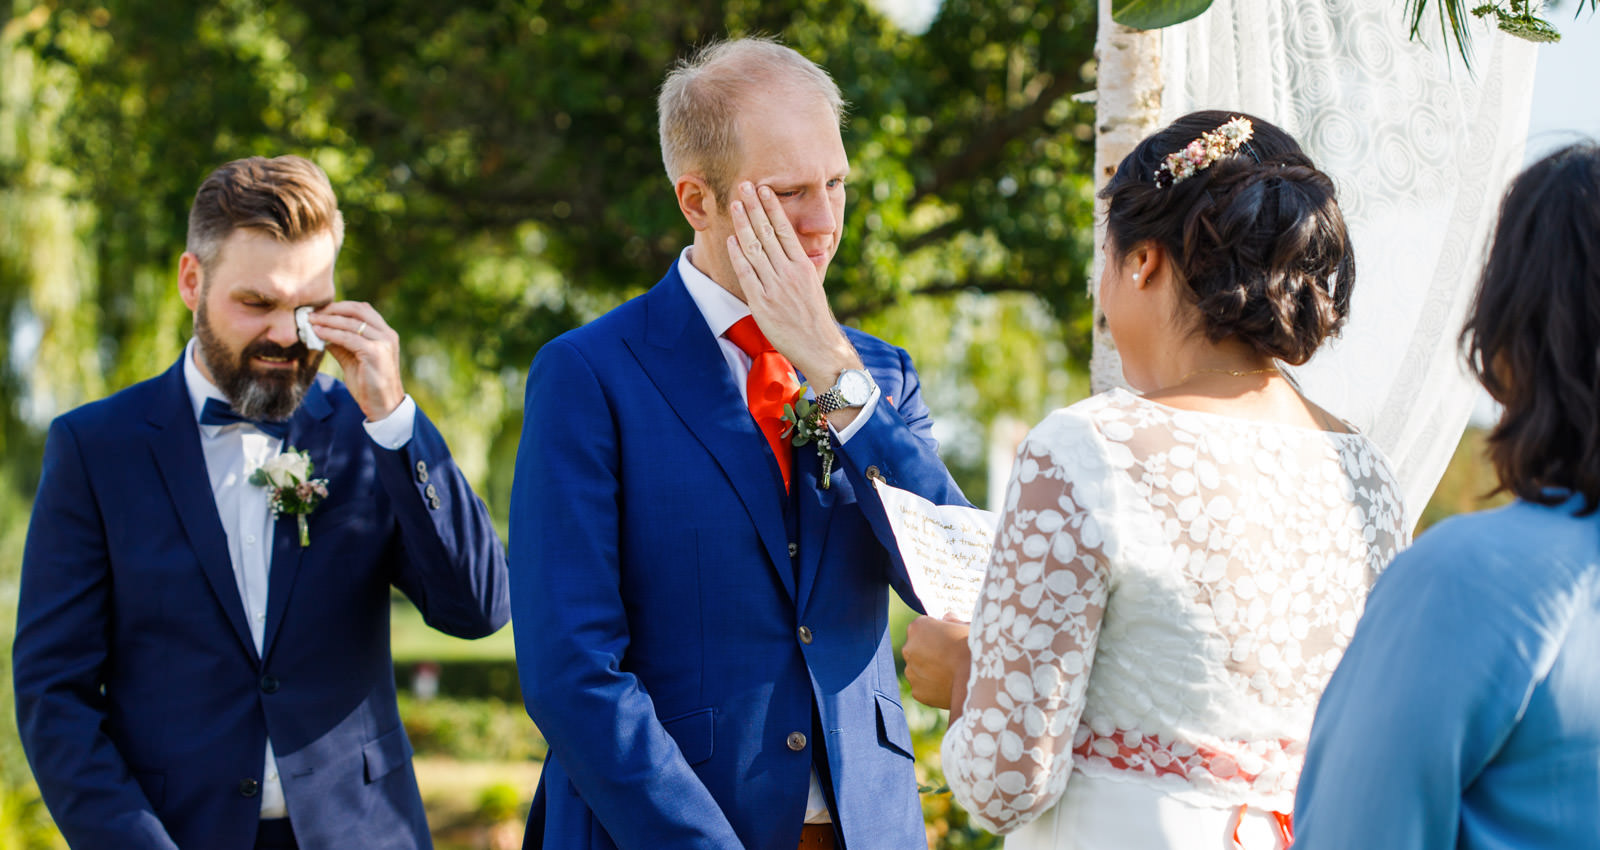 Hochzeitsfotograf Koeln - Bräutigam ist gerührt